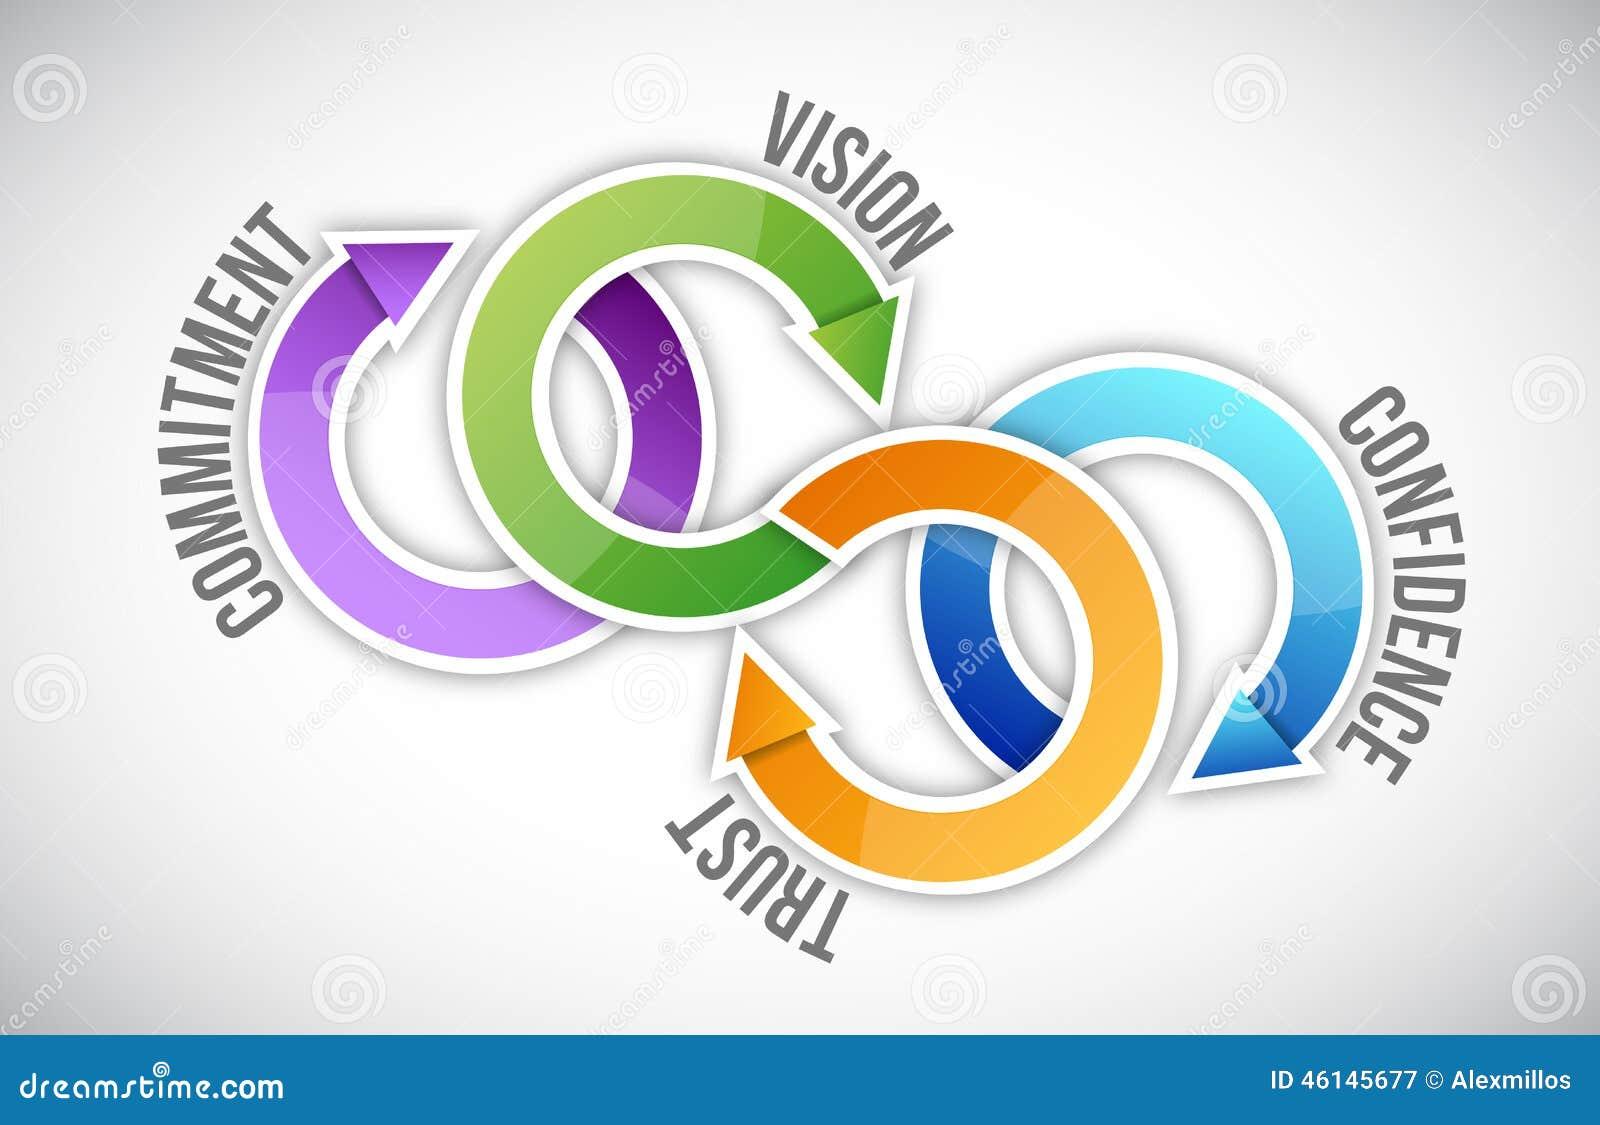 Vision, confianza, confianza y compromiso